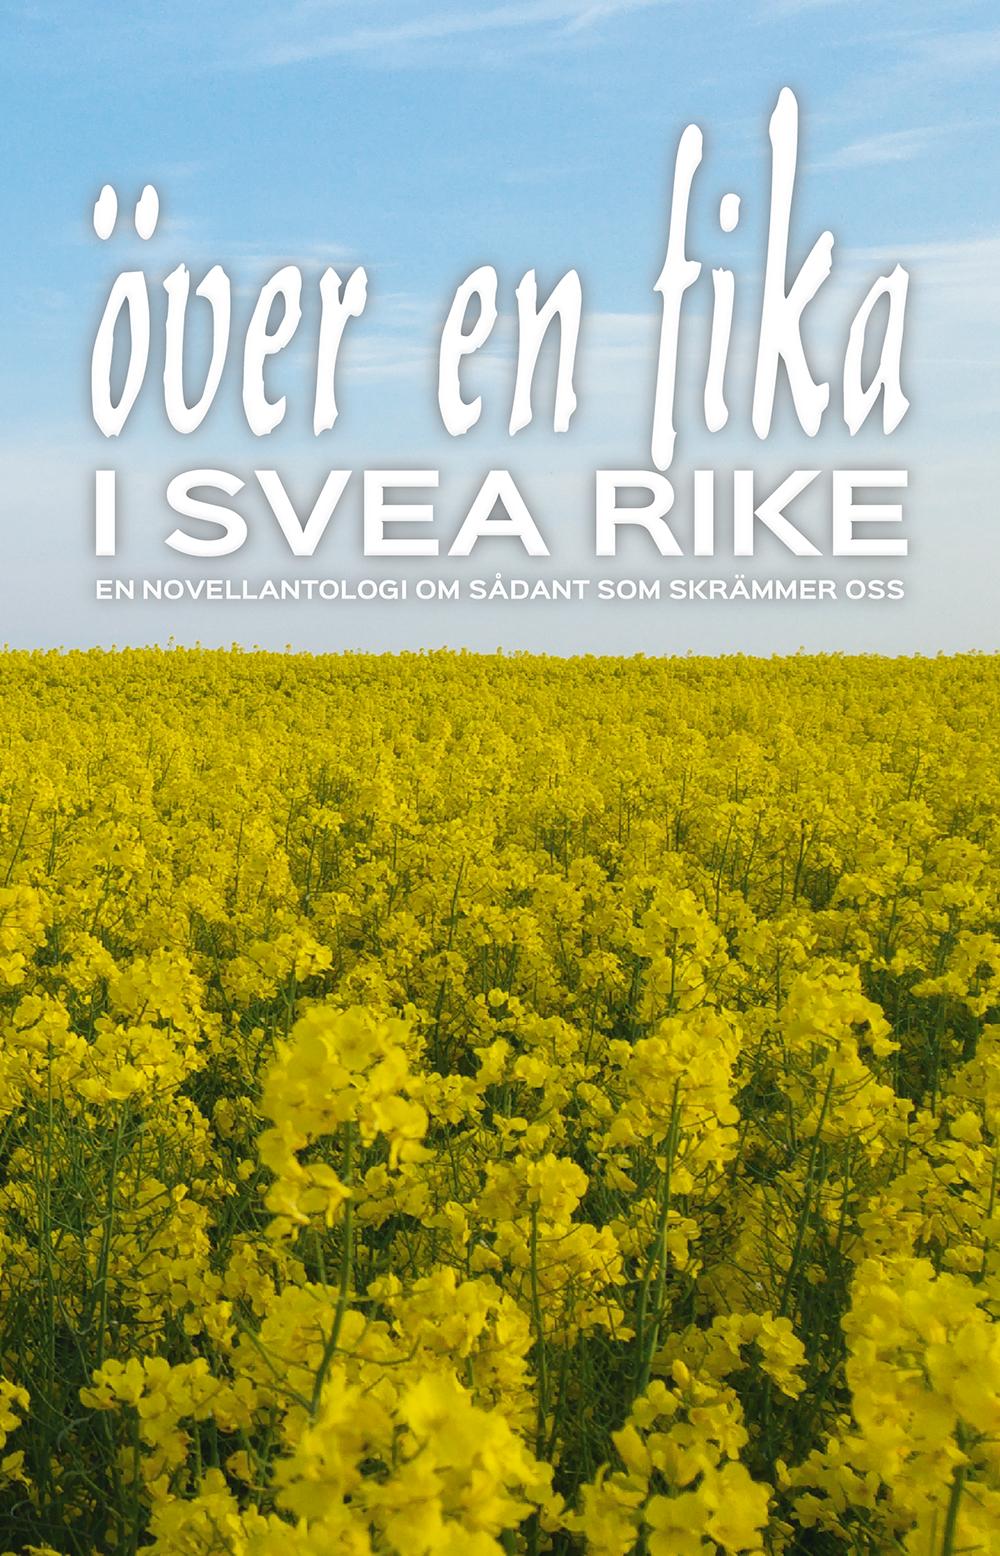 Över en fika i Svea rike : en novellantologi om sådant som skrämmer oss av Håkan Lindgren